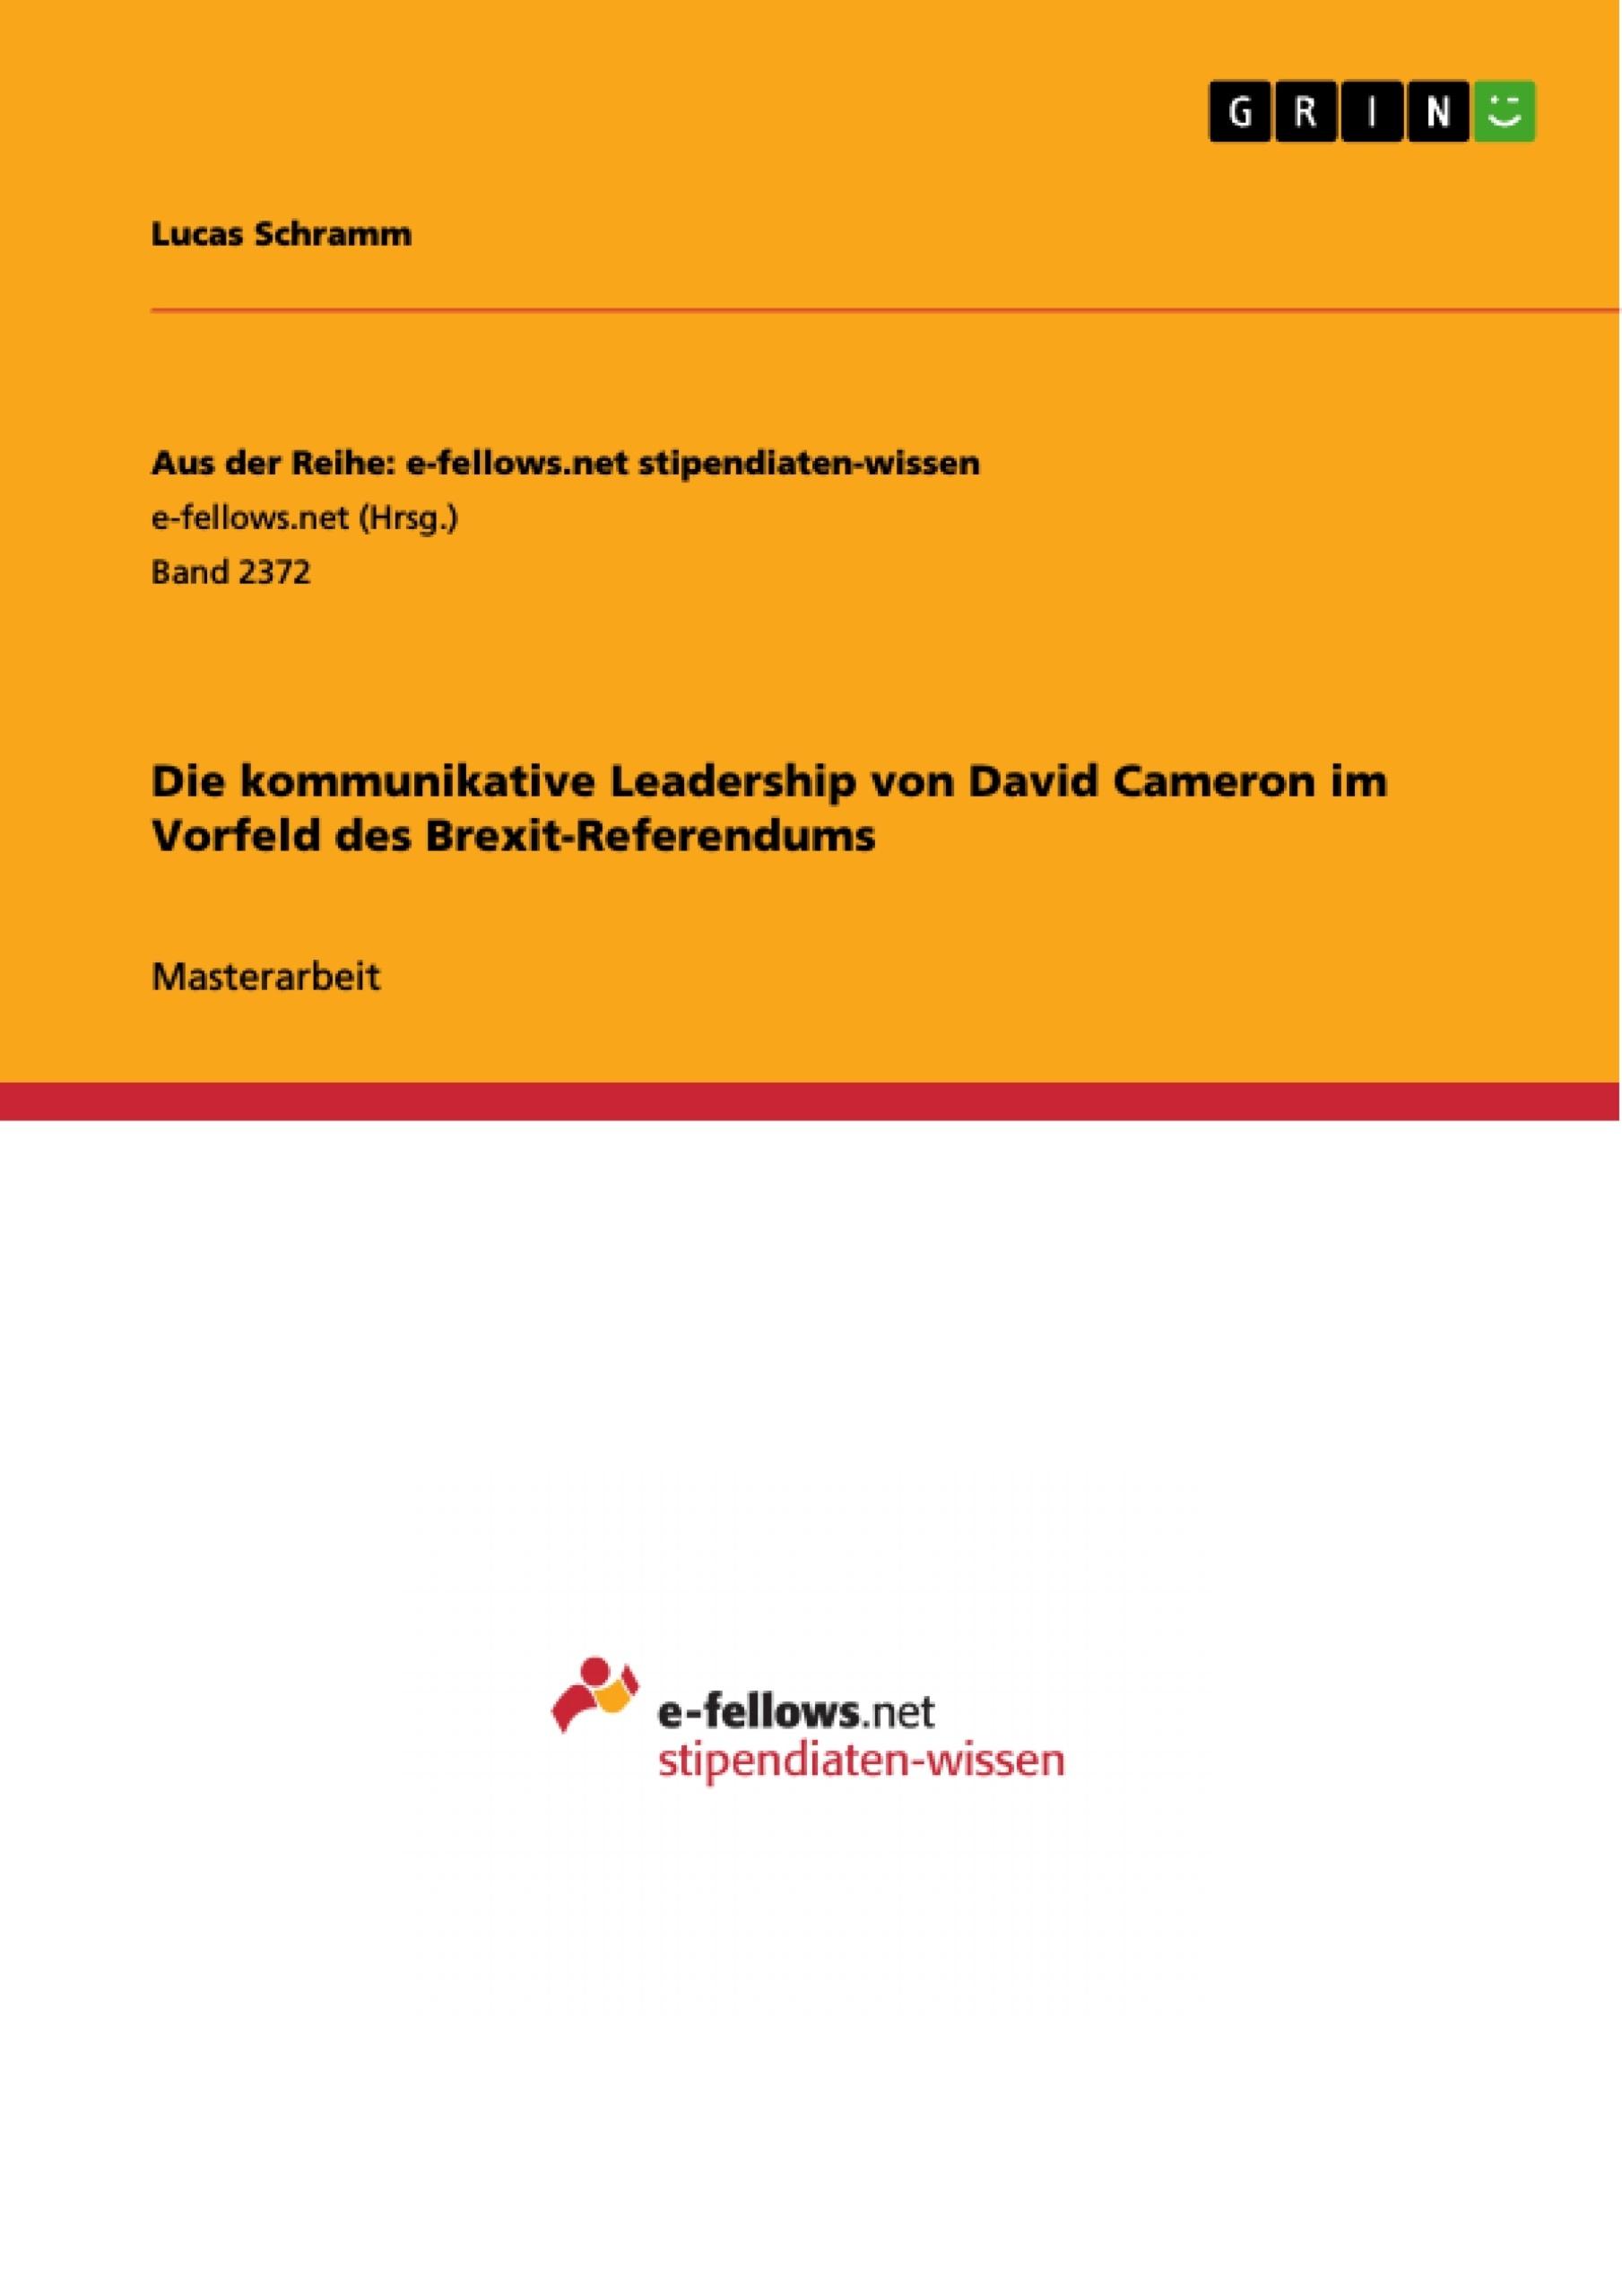 Titel: Die kommunikative Leadership von David Cameron im Vorfeld des Brexit-Referendums